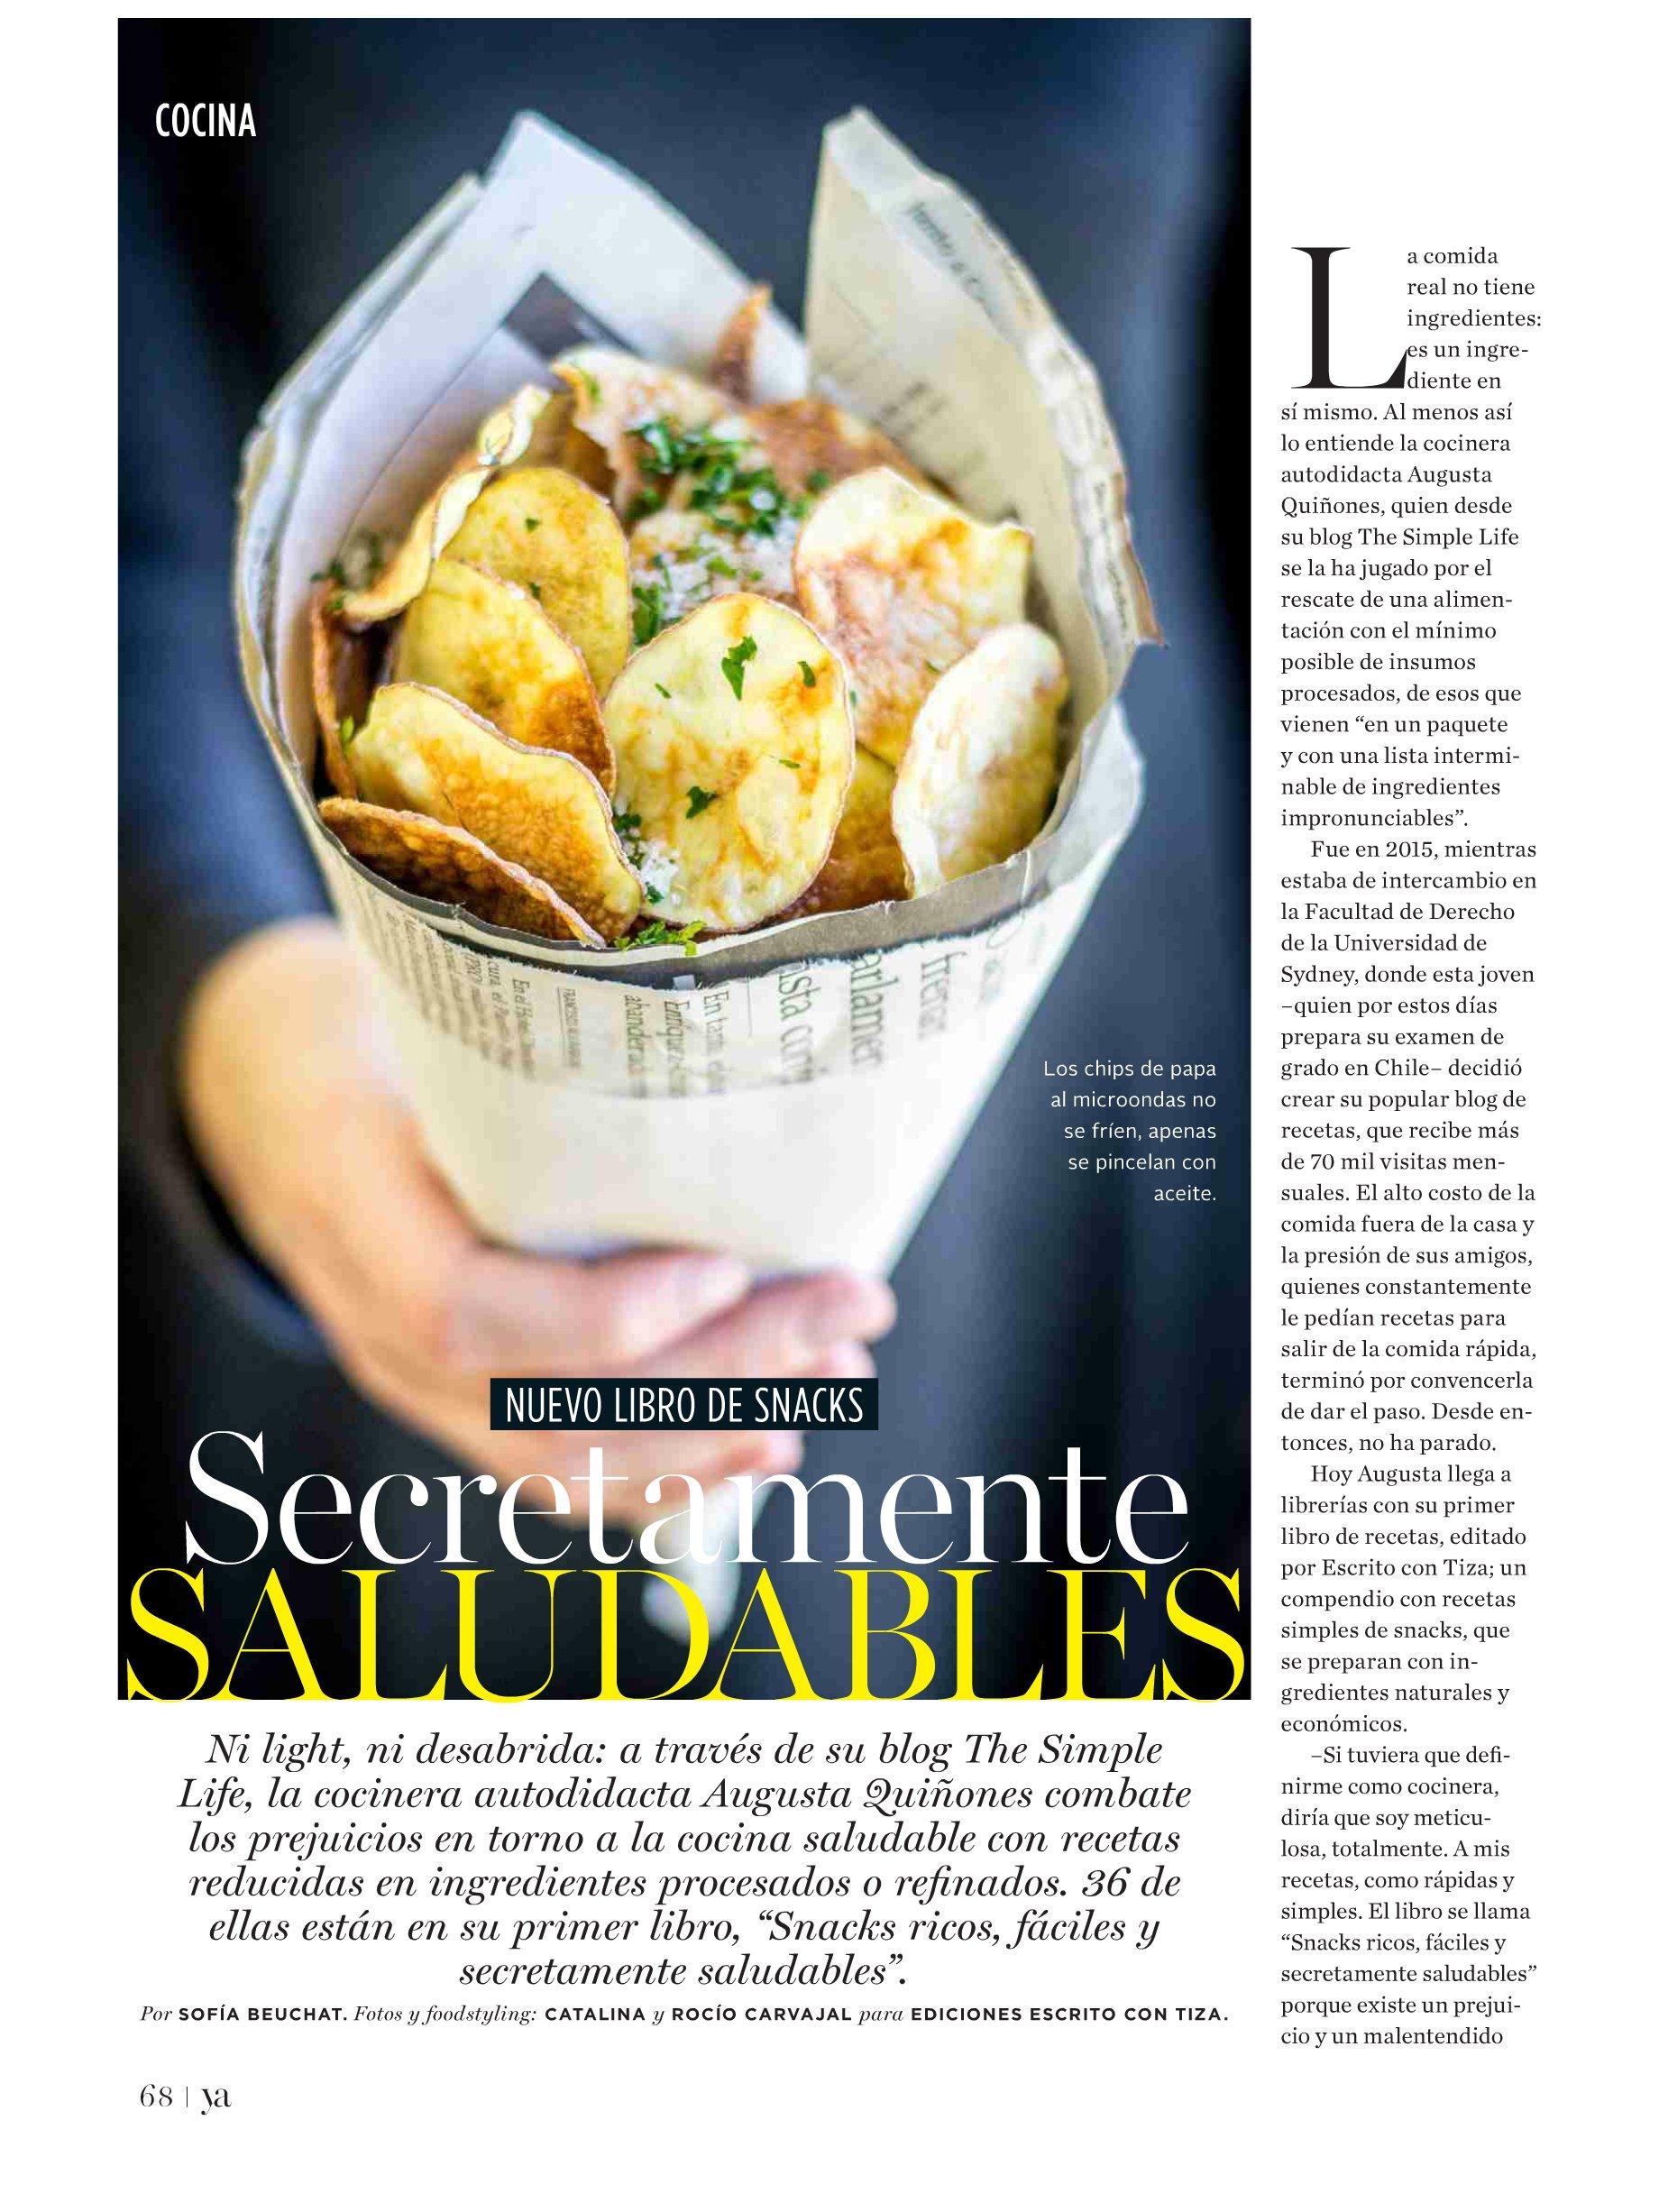 Nuevo libro de snacks - Revista ya